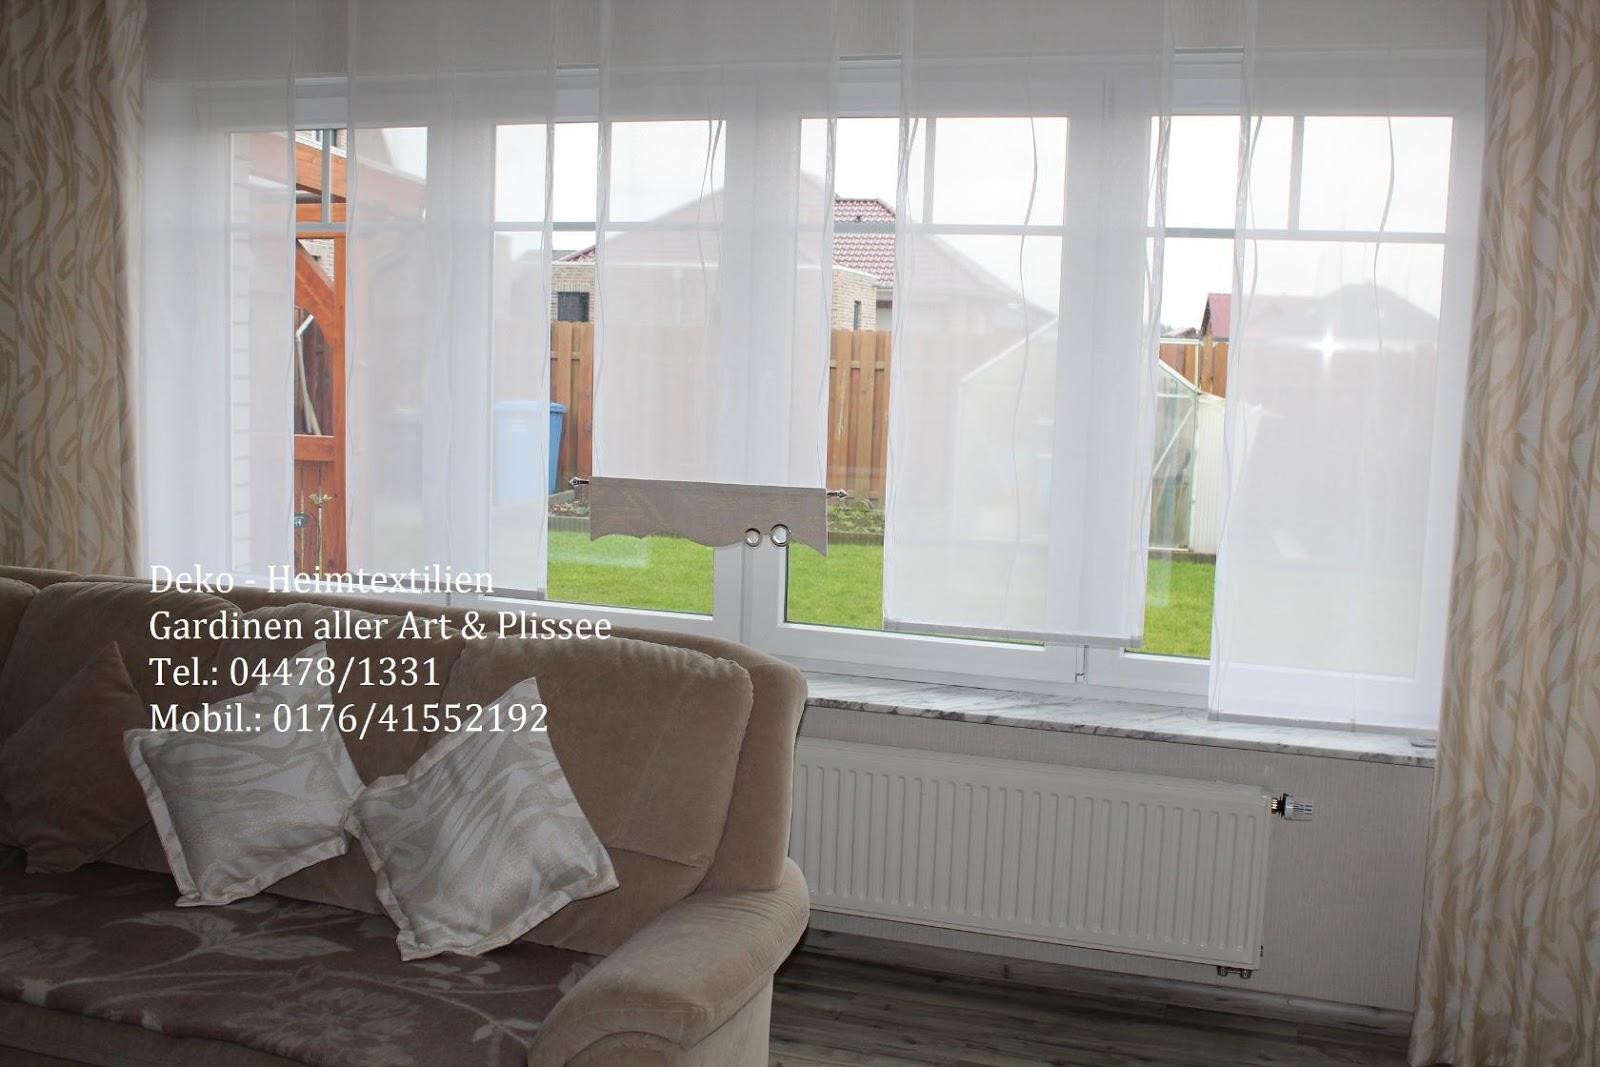 Innenarchitektur Gardinen Alternative Galerie Von Perfect Und Vorhnge With Zu Am Fenster.